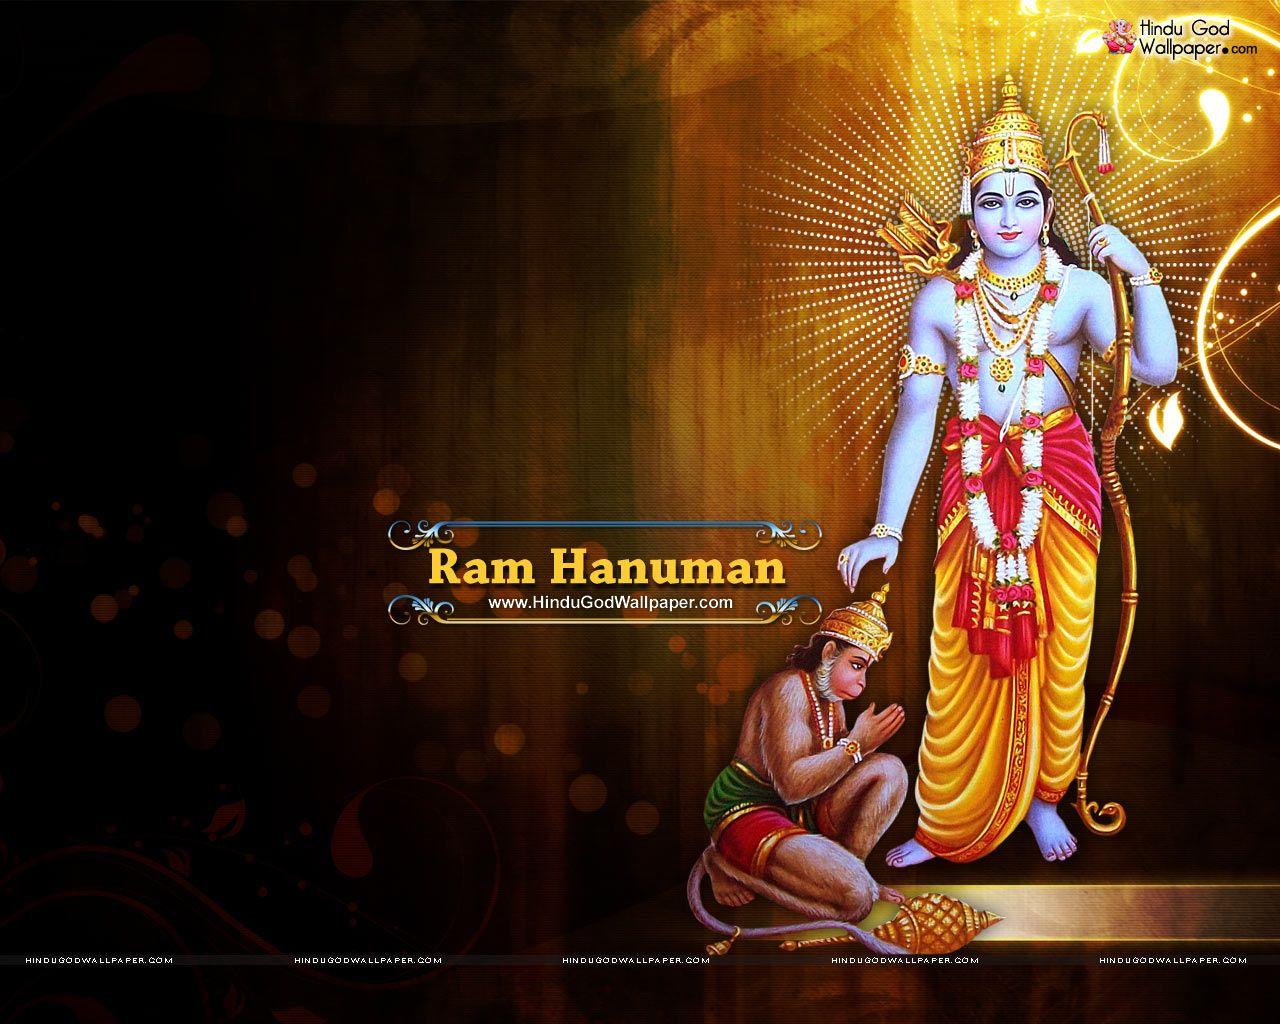 Shri Ram Hanuman Wallpaper Free Download